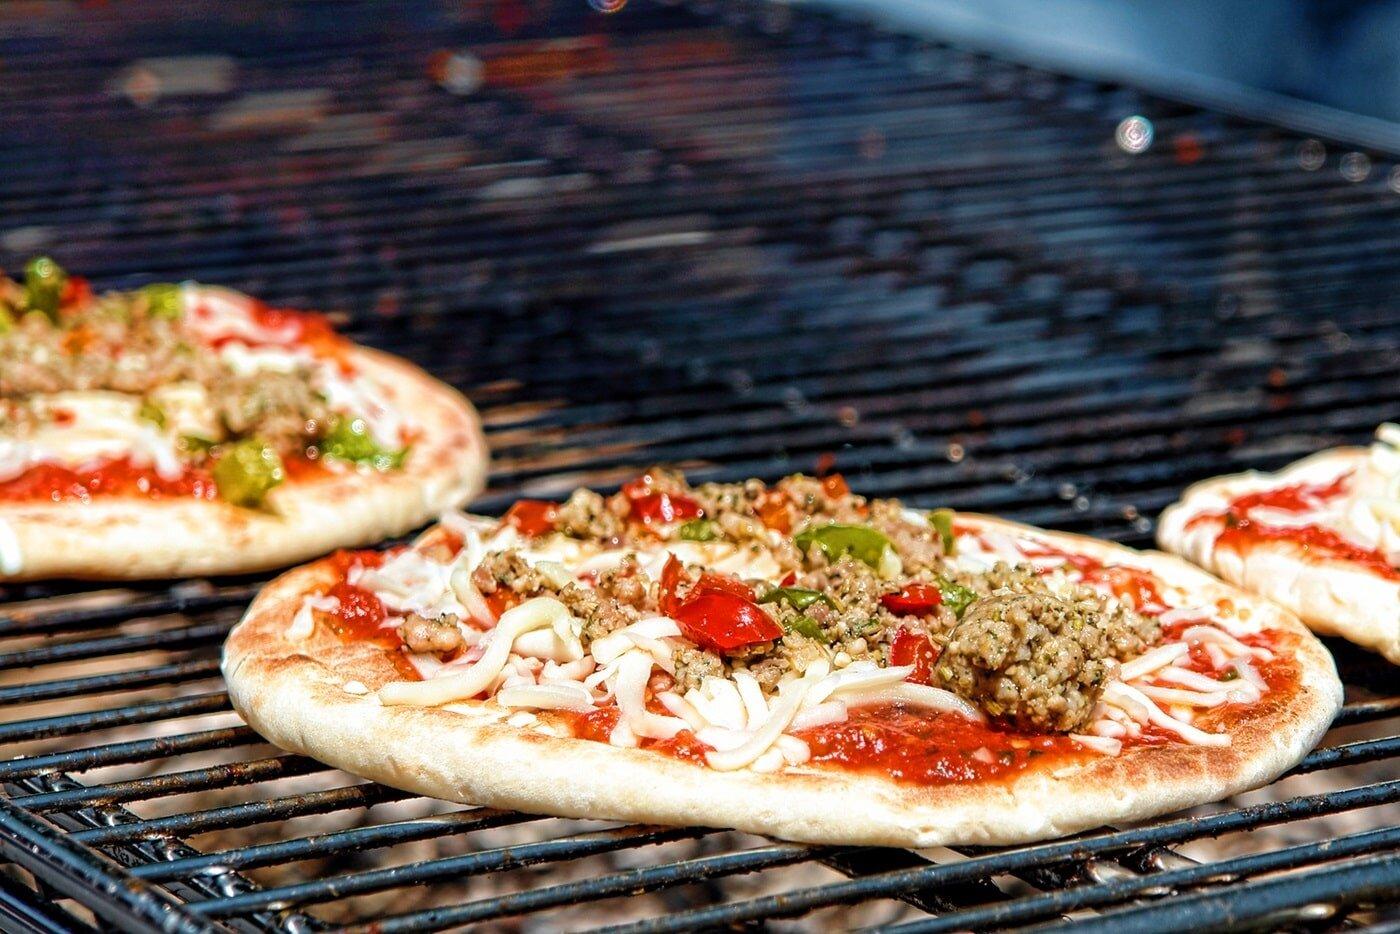 Biết cách làm bánh pizza bằng lò nướng bạn sẽ thoải mái thưởng thức hương vị giòn rụm, ngon tuyệt